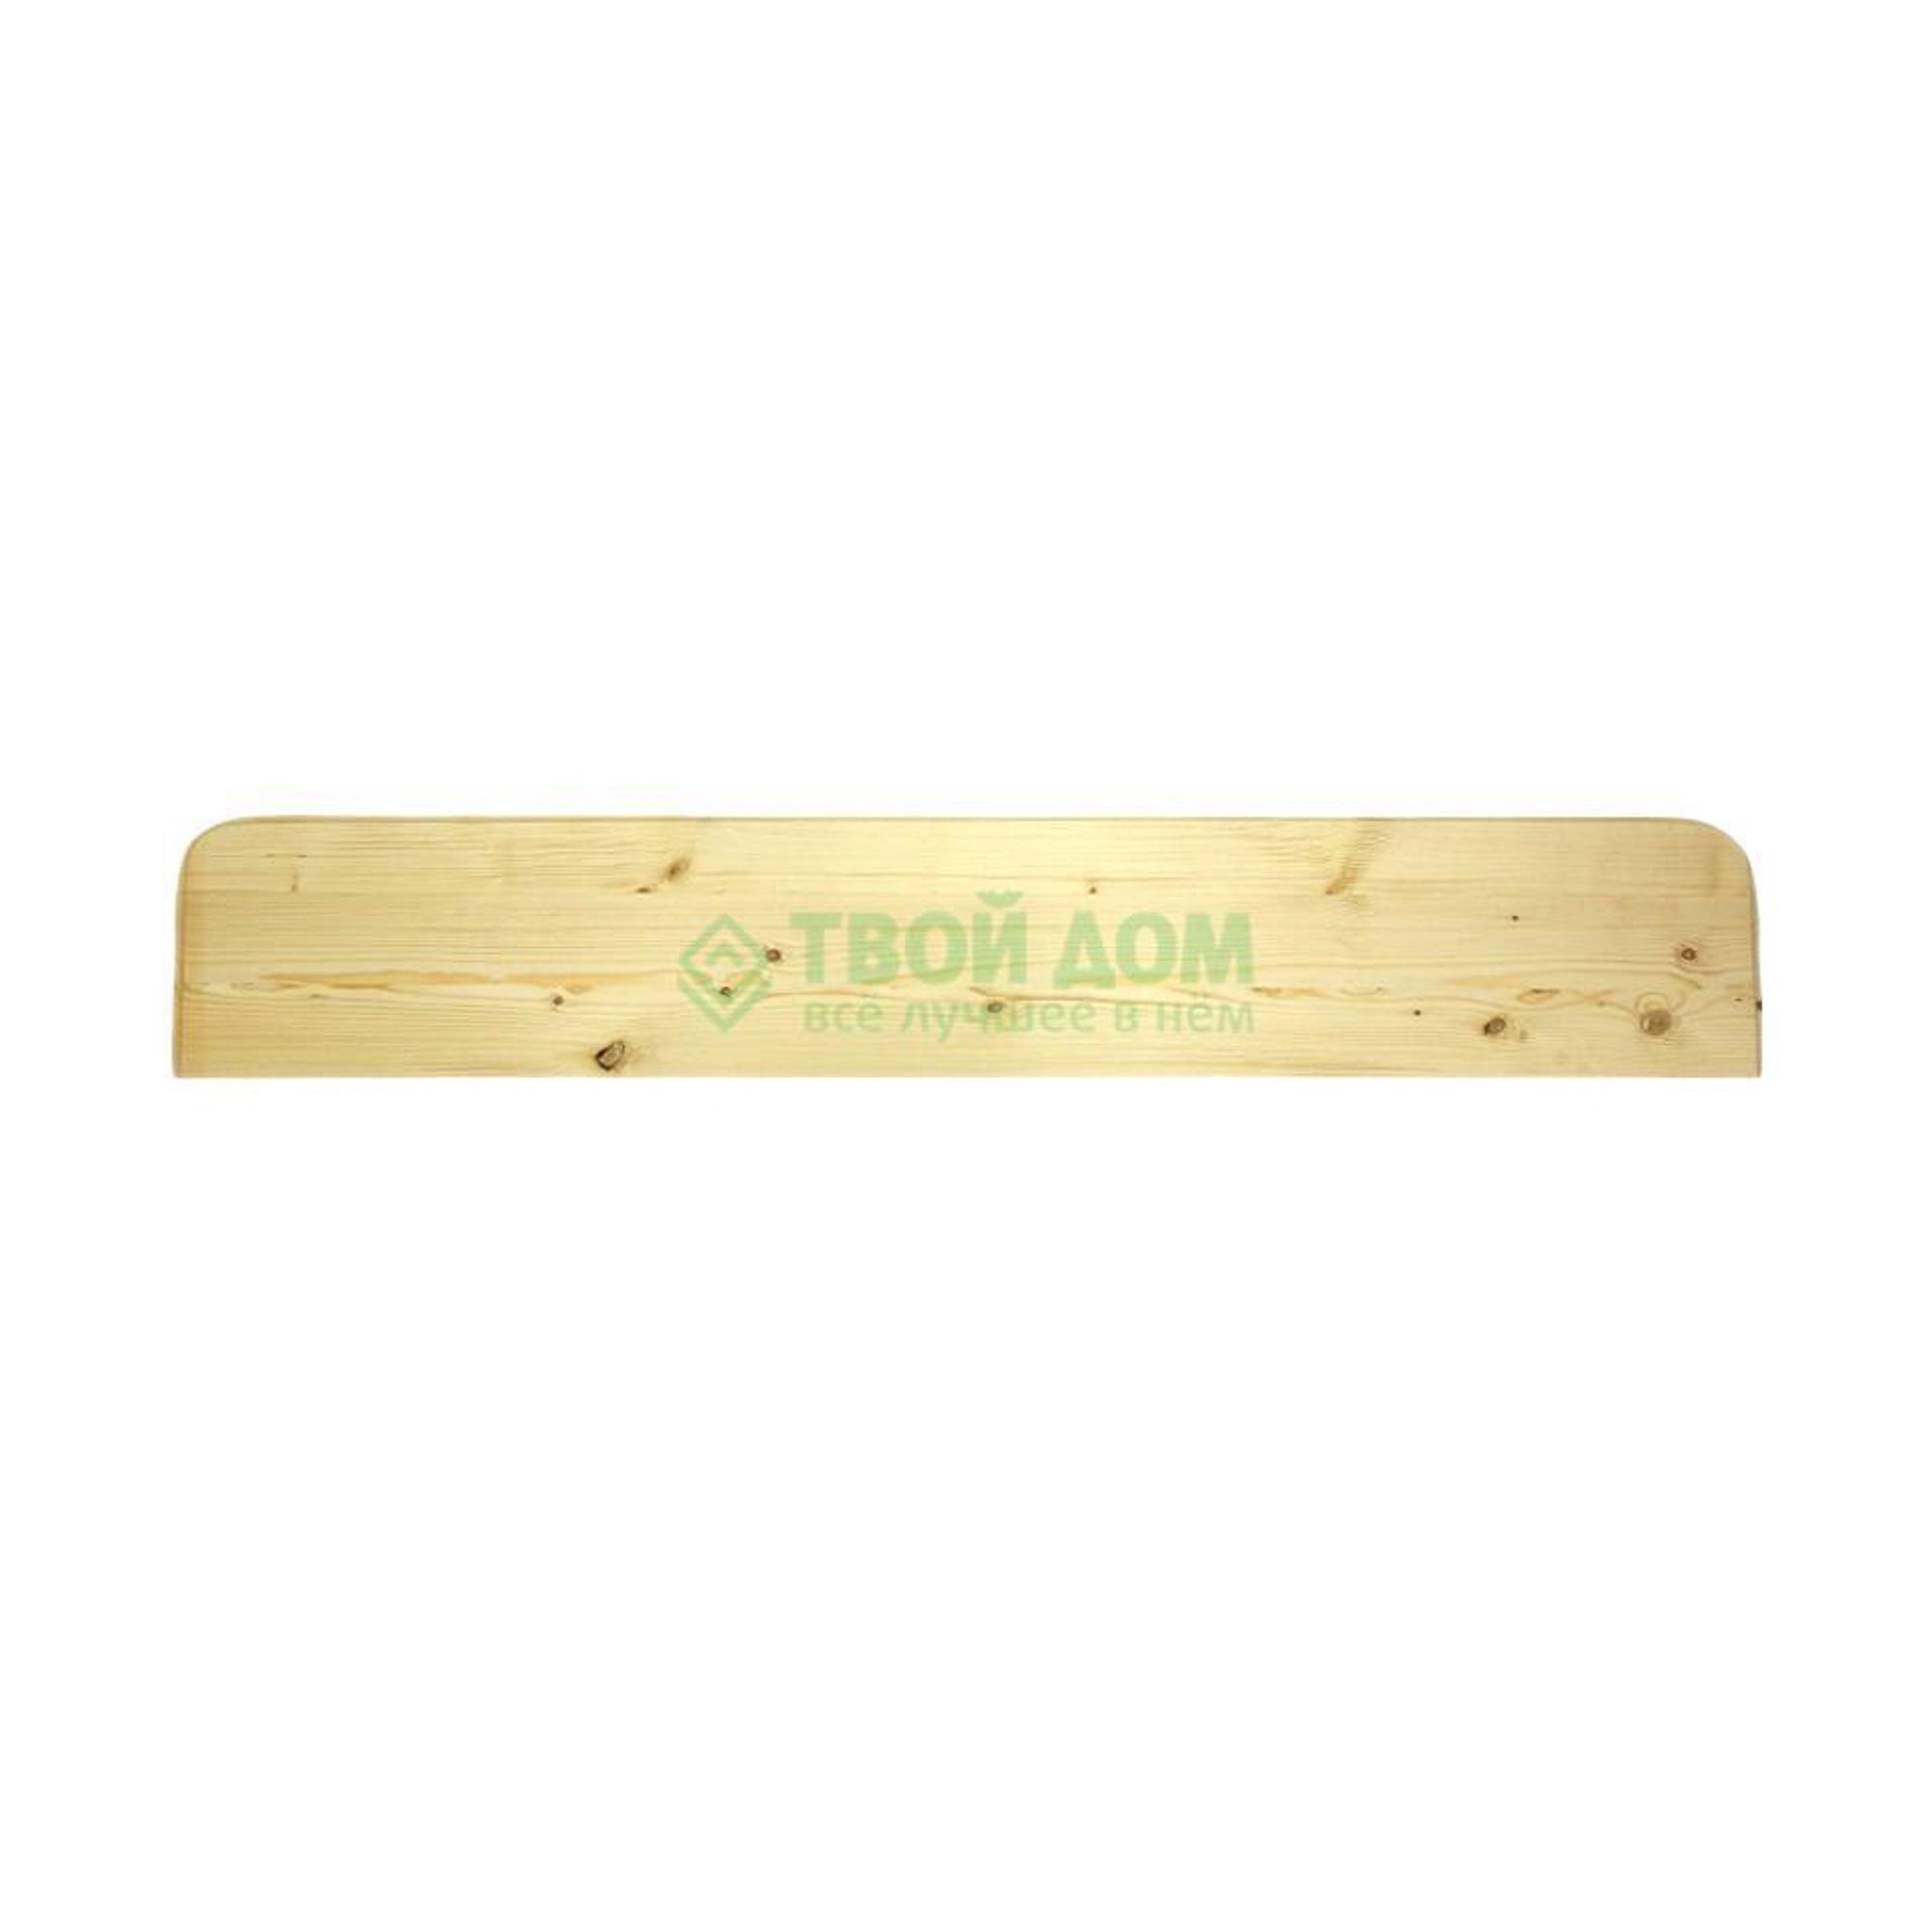 Купить Подоконник Noname 40Х200Х1100 Хвоя, подоконник, Россия, светло-коричневый, хвоя